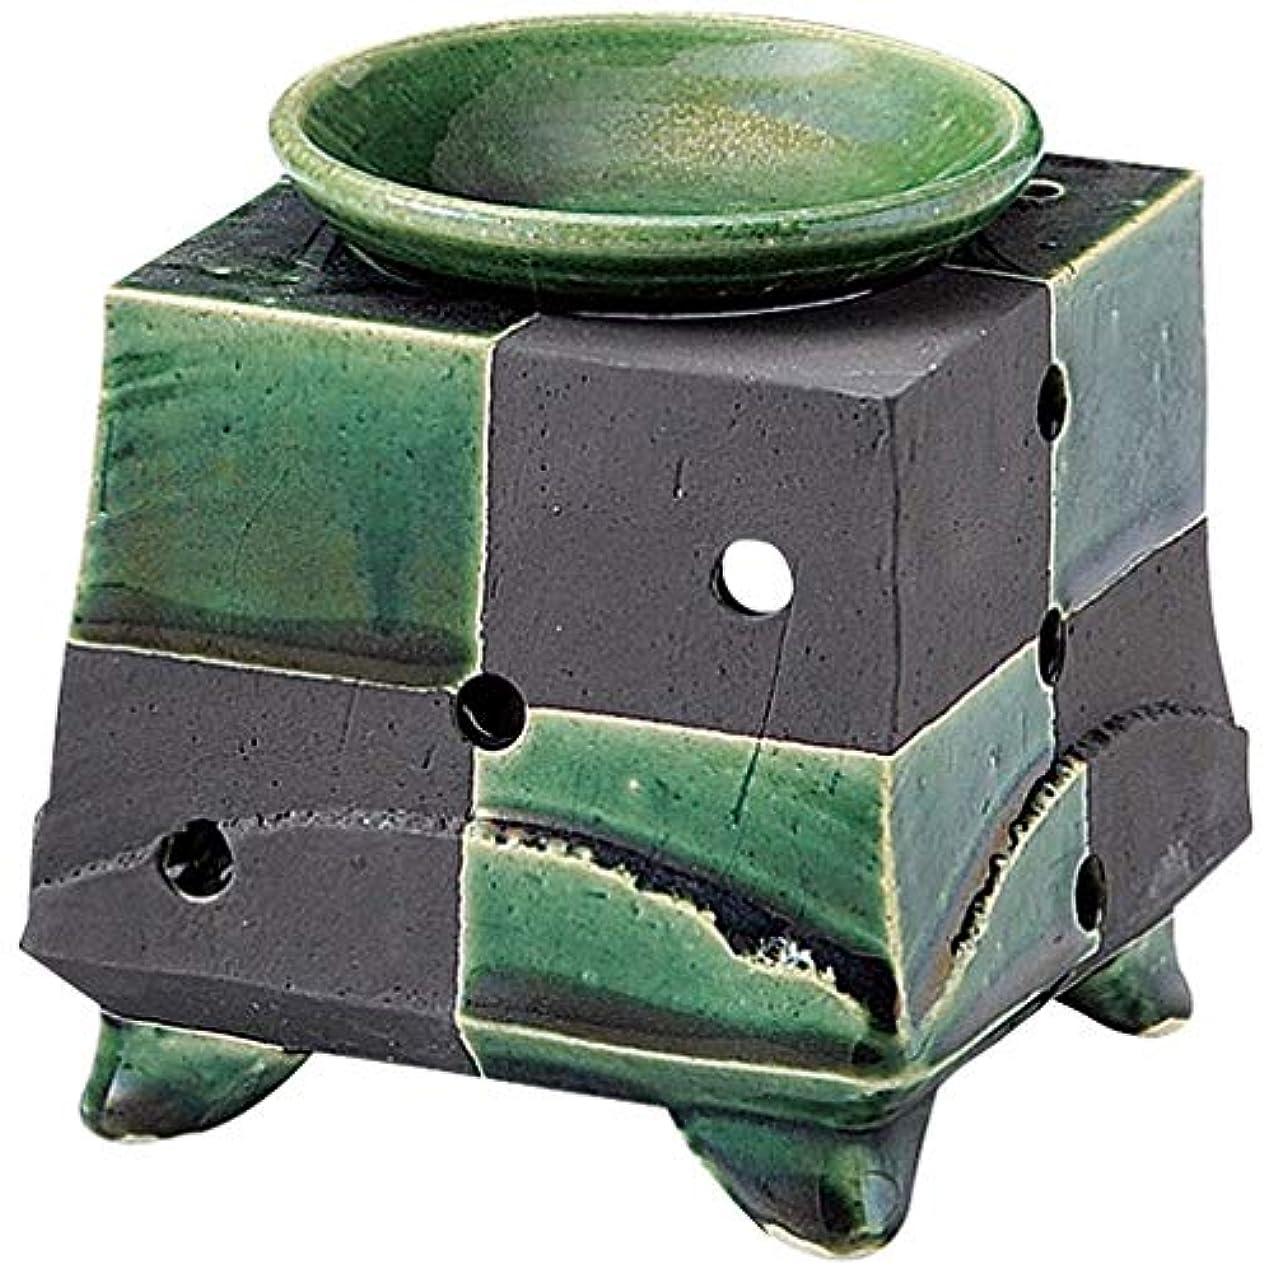 うま才能のある漁師YI--Y-1622 常滑焼 茶香炉 化粧箱入 径11.5×高さ11.5cm